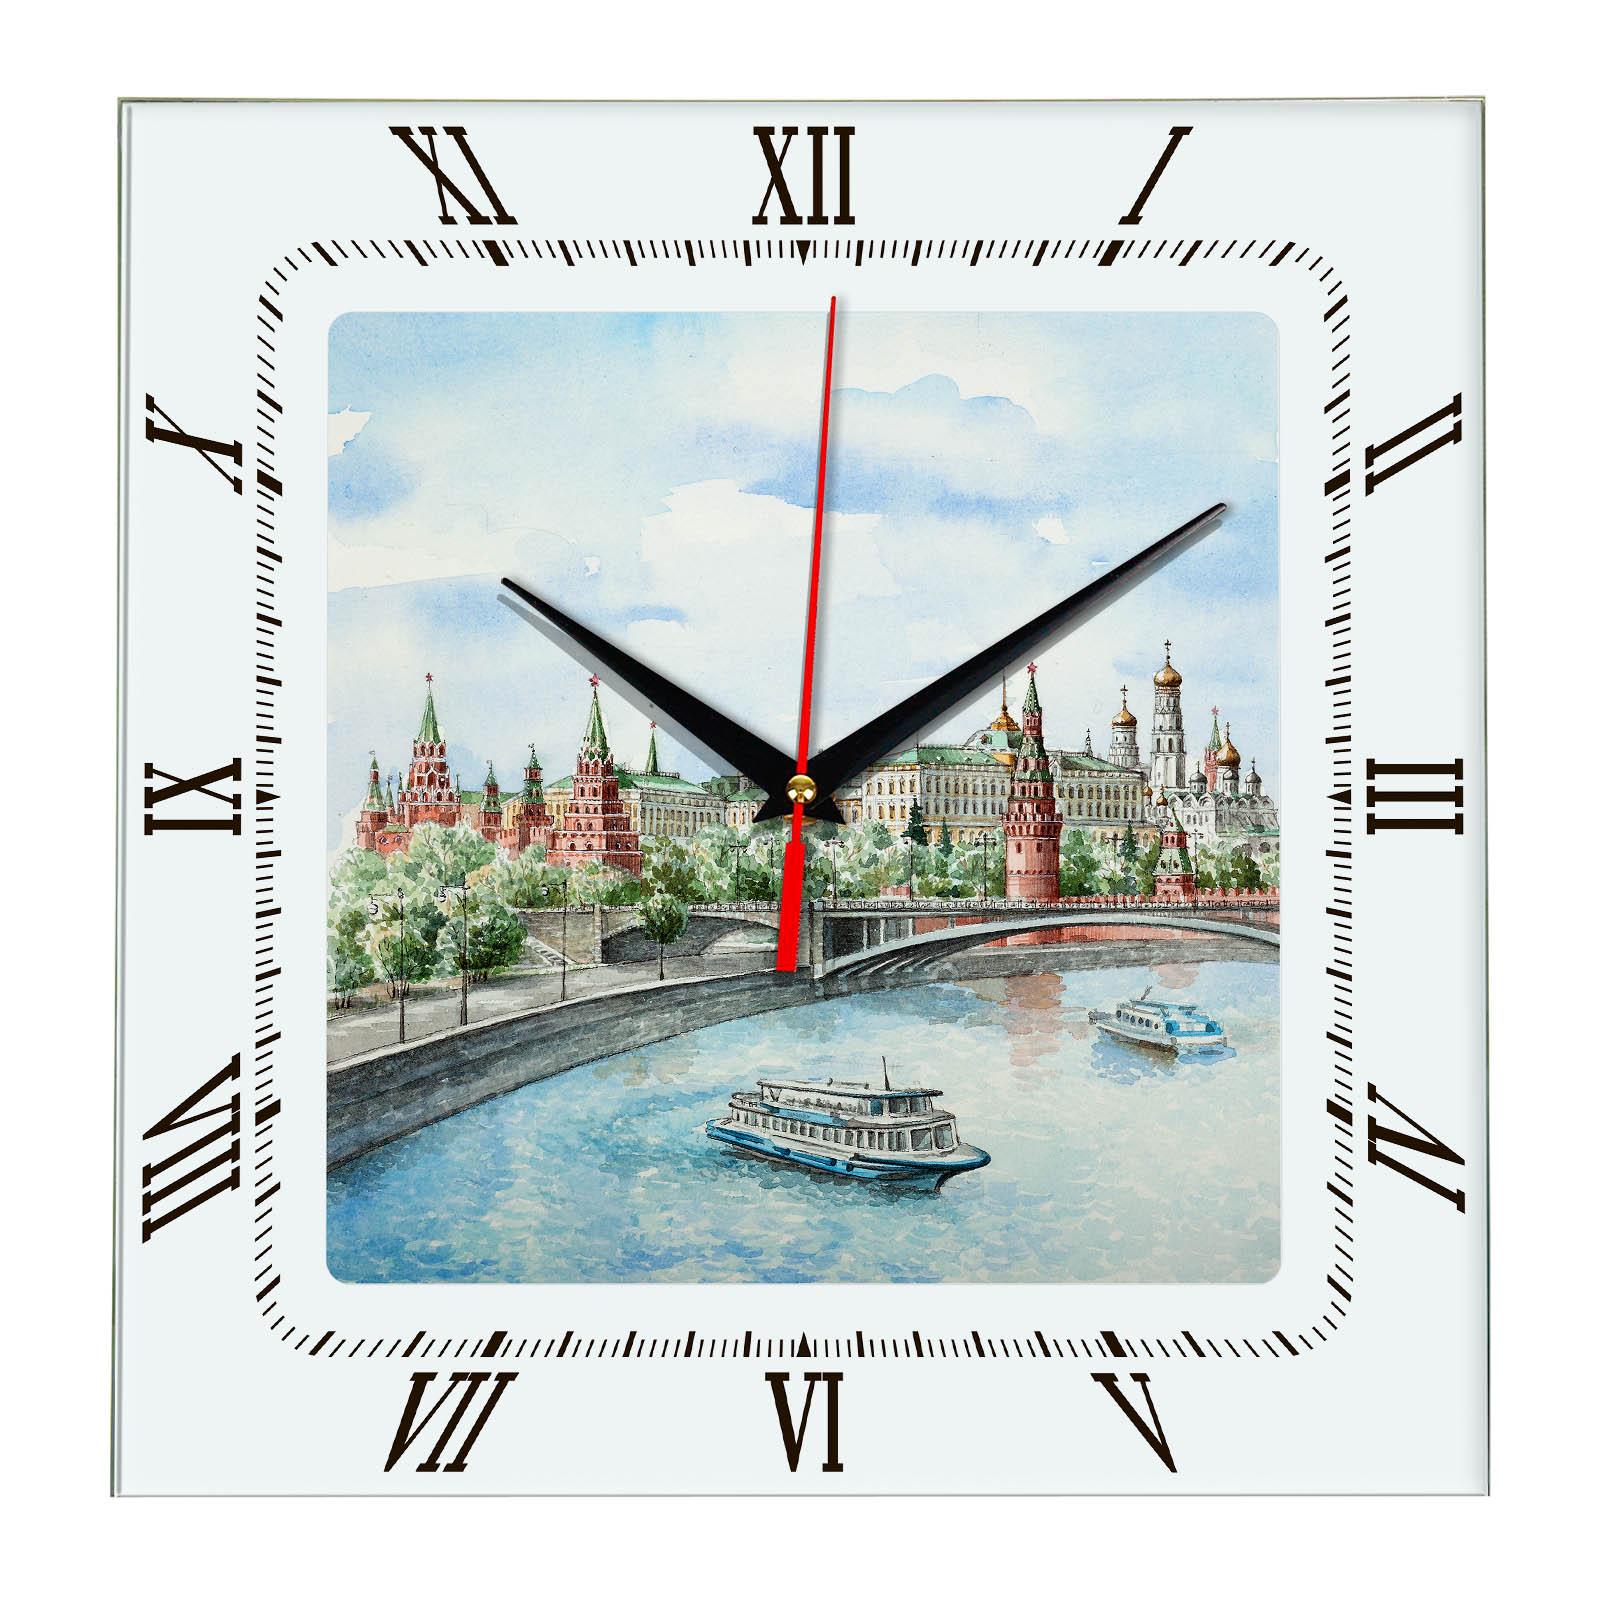 Сувенир с видами Москвы «Кремлевская набережная»